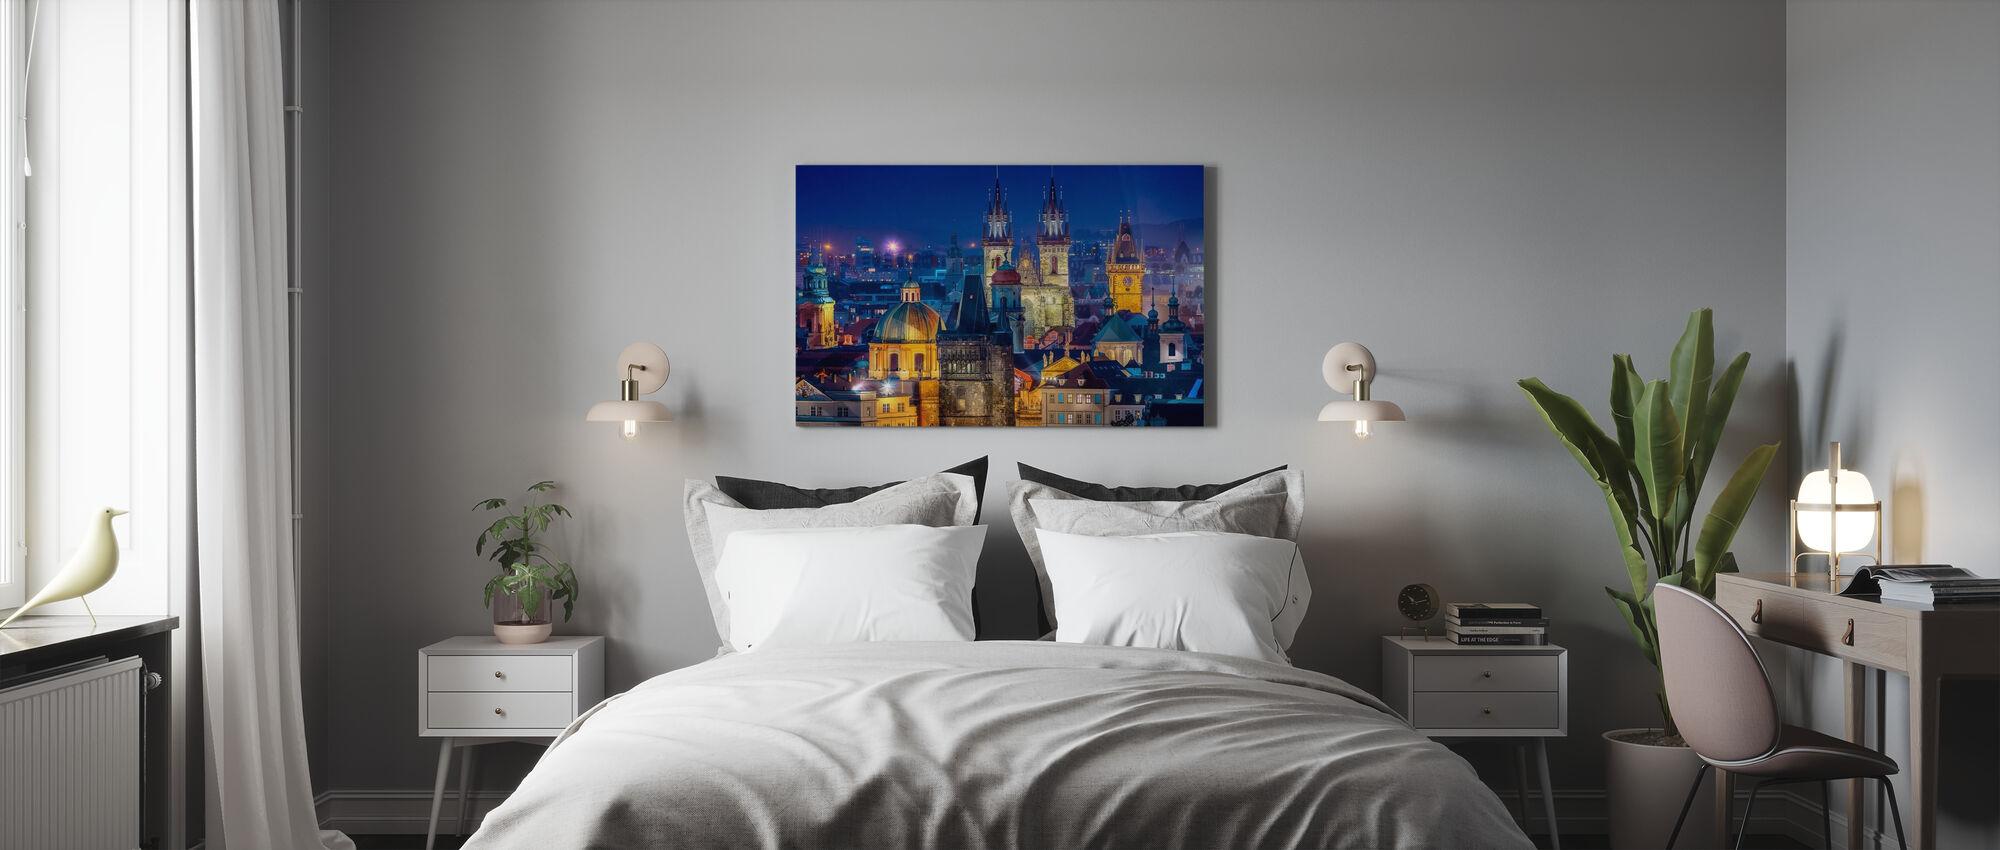 Oma näkymä - Canvastaulu - Makuuhuone